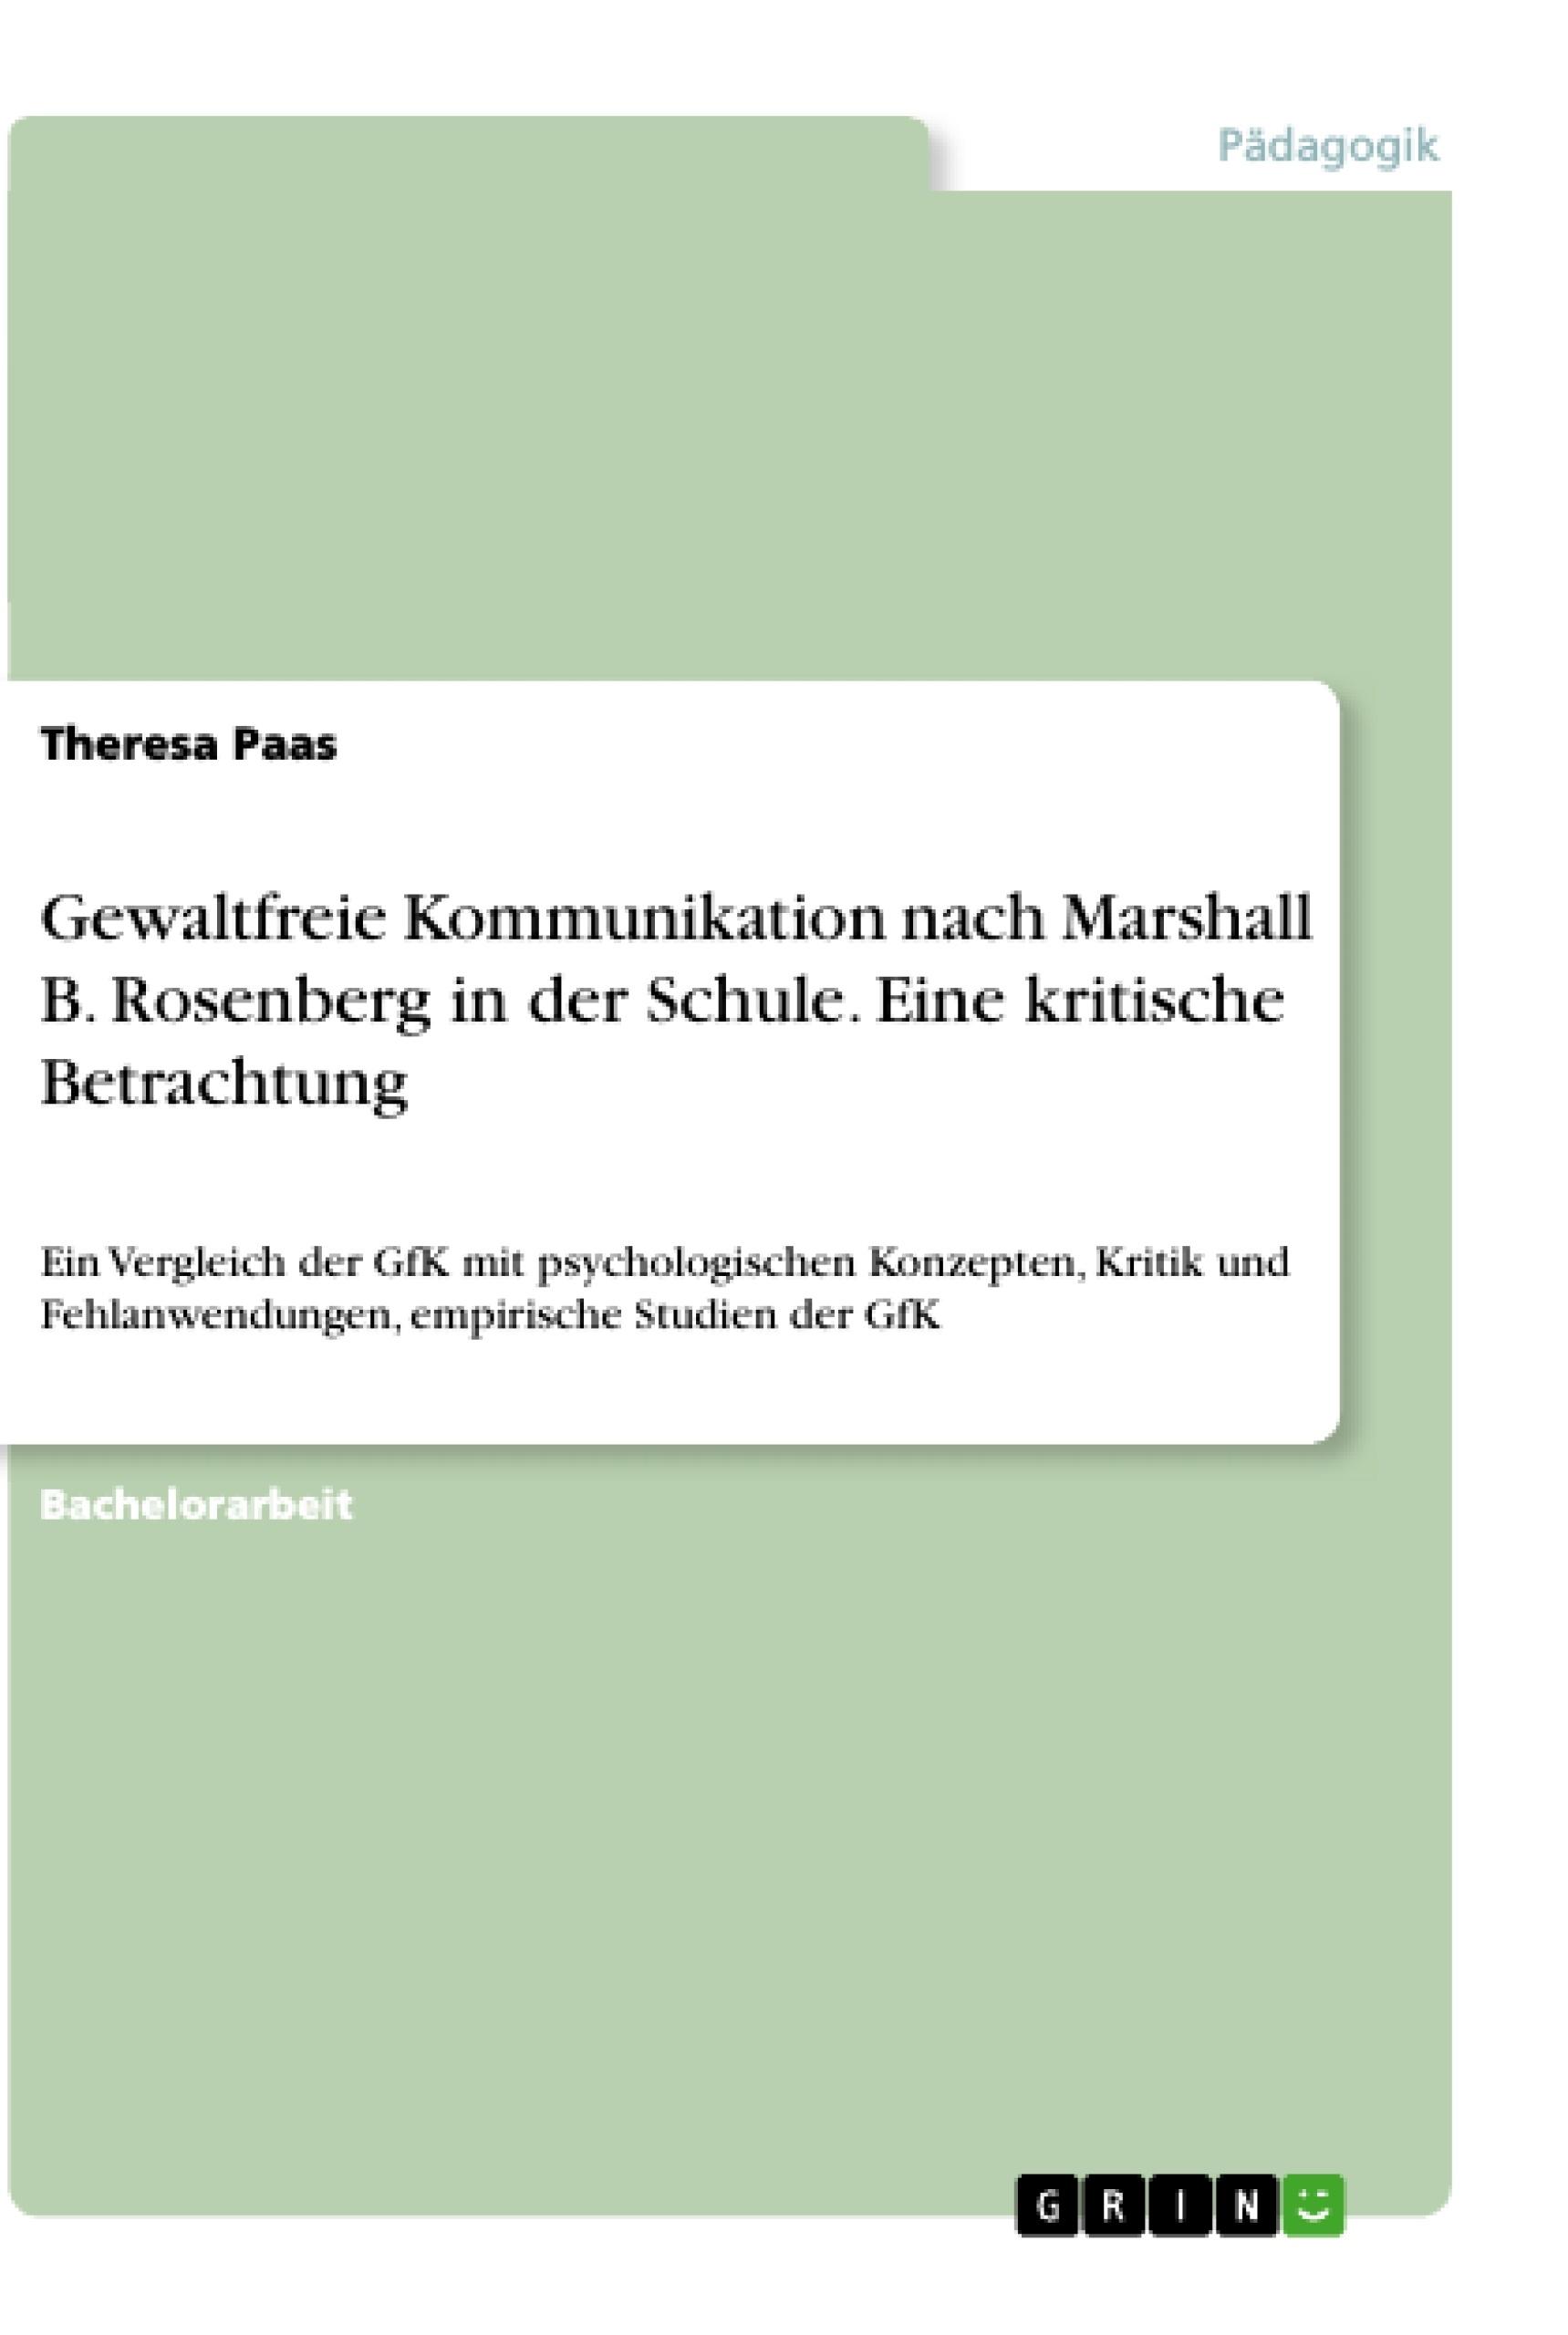 Titel: Gewaltfreie Kommunikation nach Marshall B. Rosenberg in der Schule. Eine kritische Betrachtung